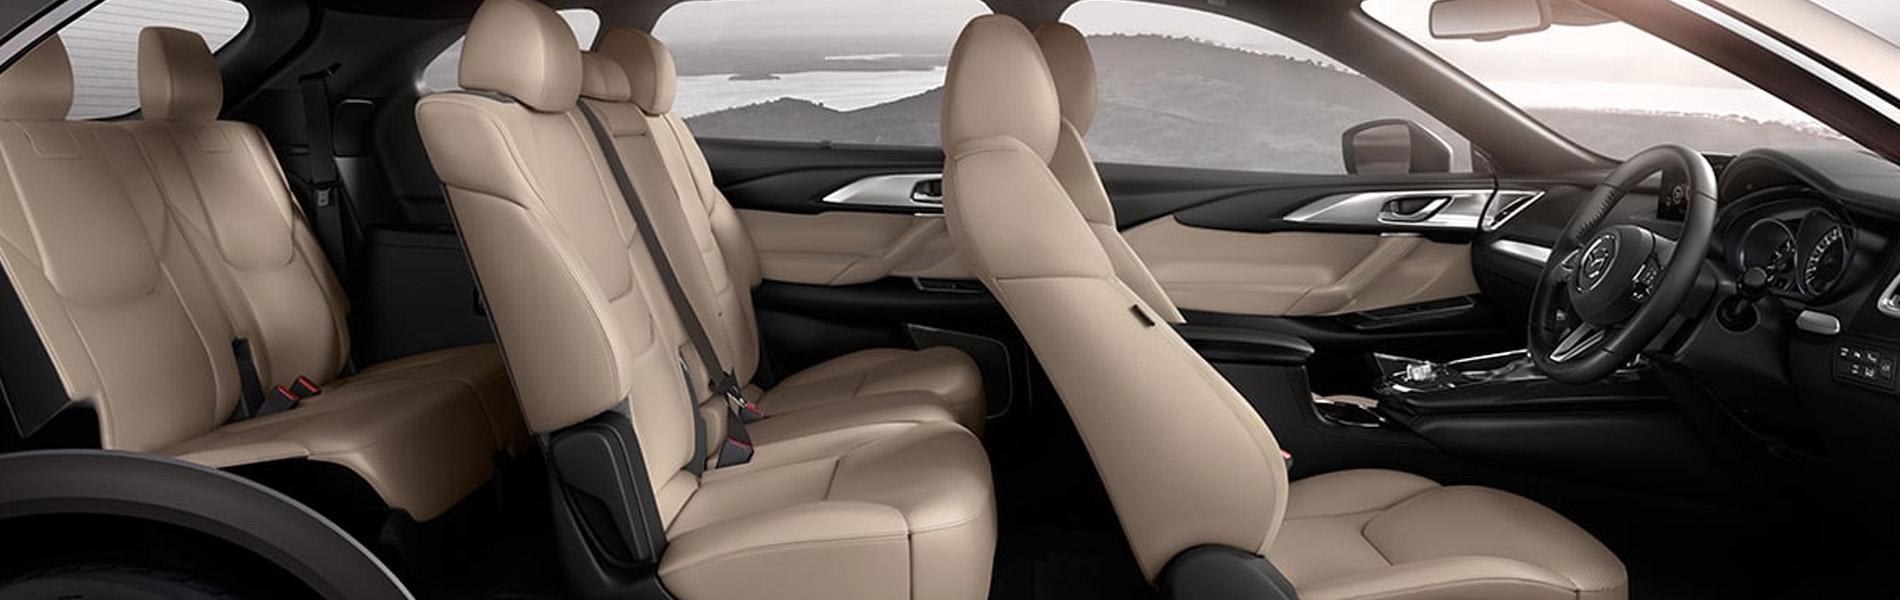 Mazda CX-9 Image 1